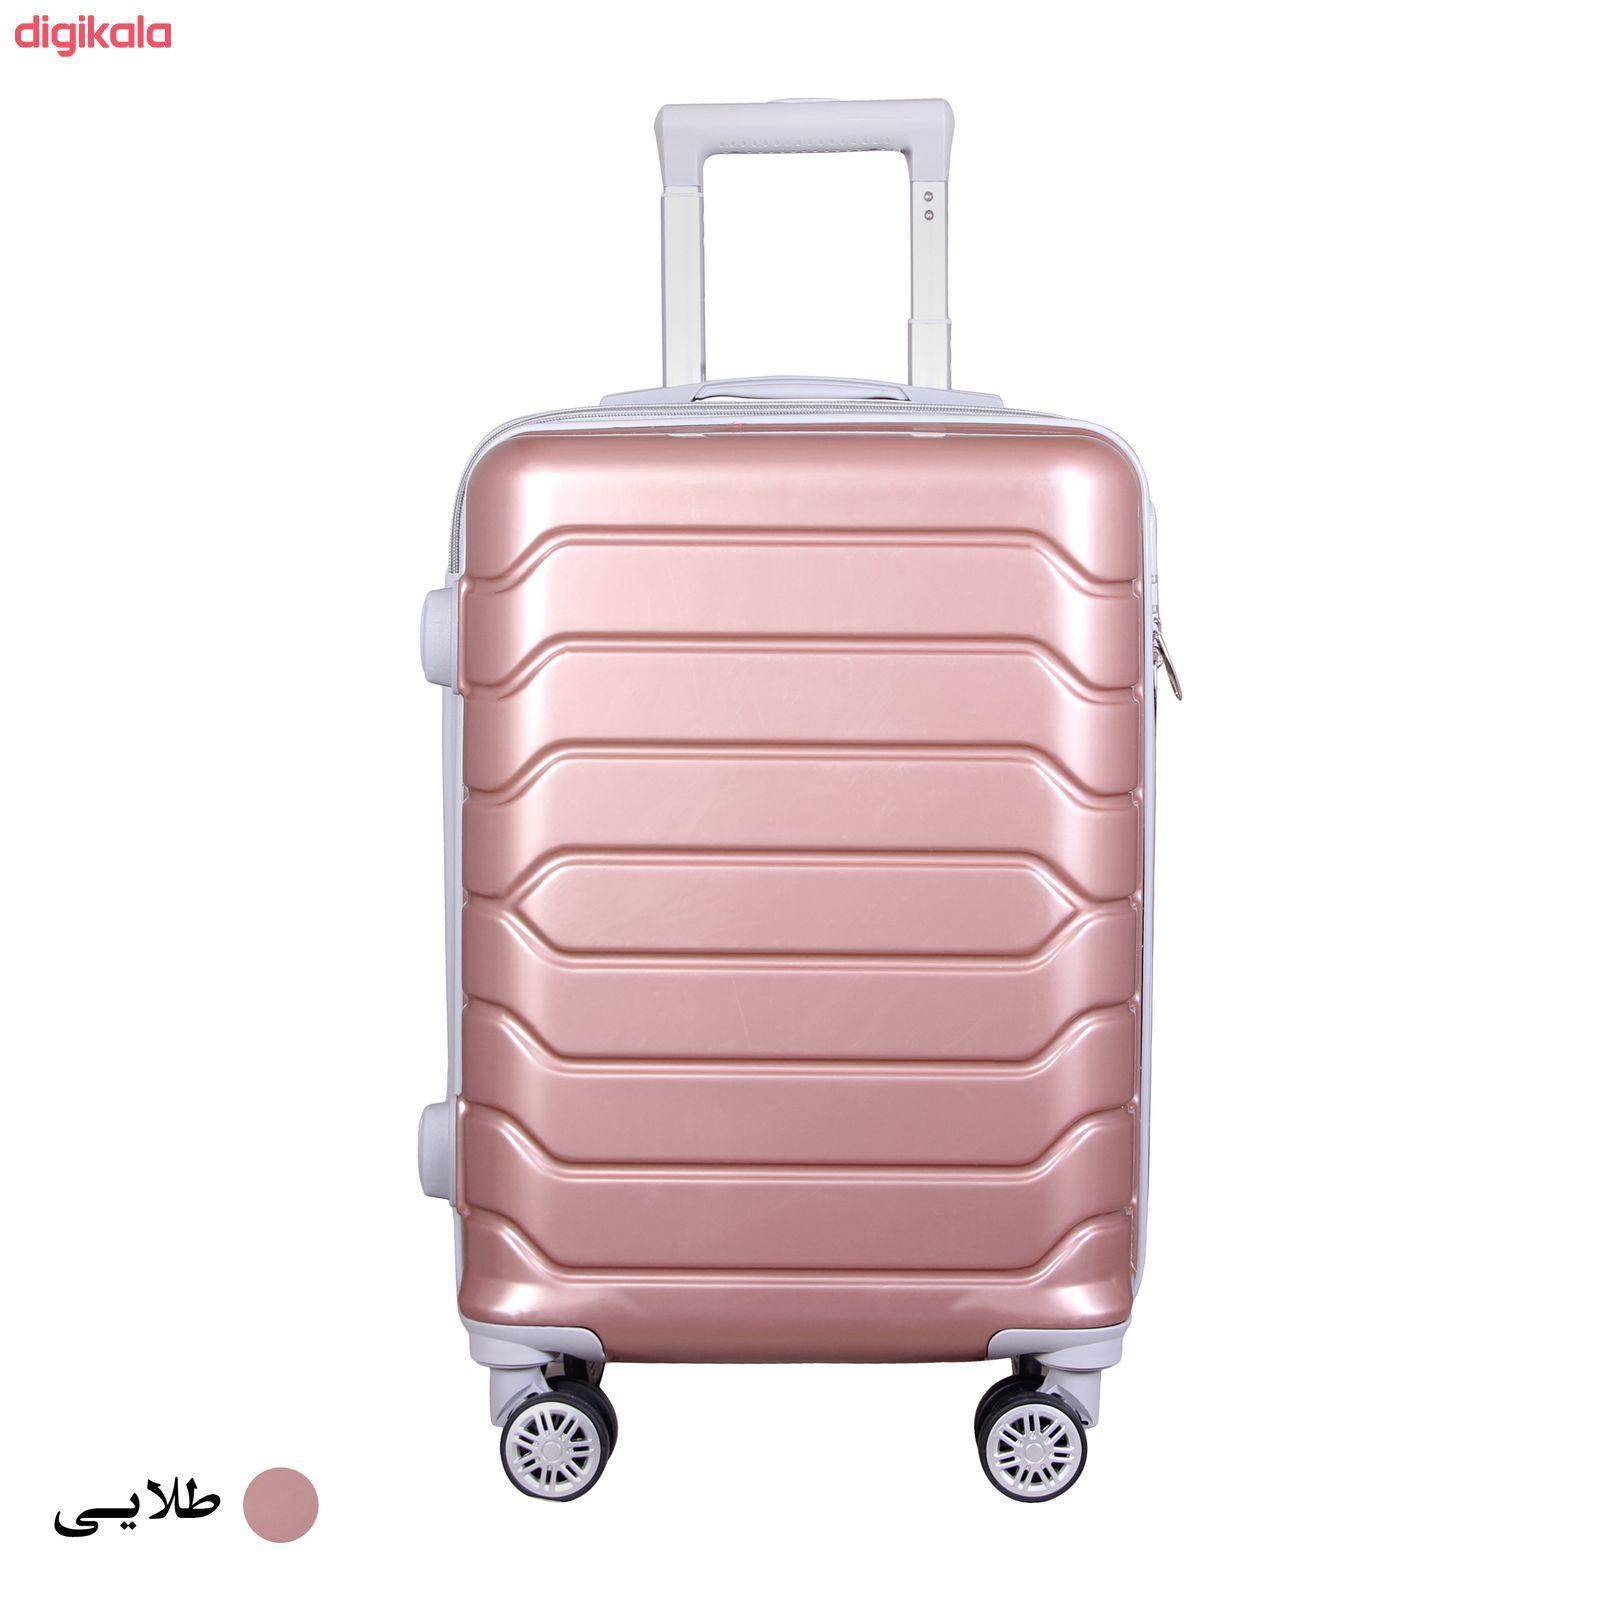 مجموعه سه عددی چمدان مدل 20020 main 1 13